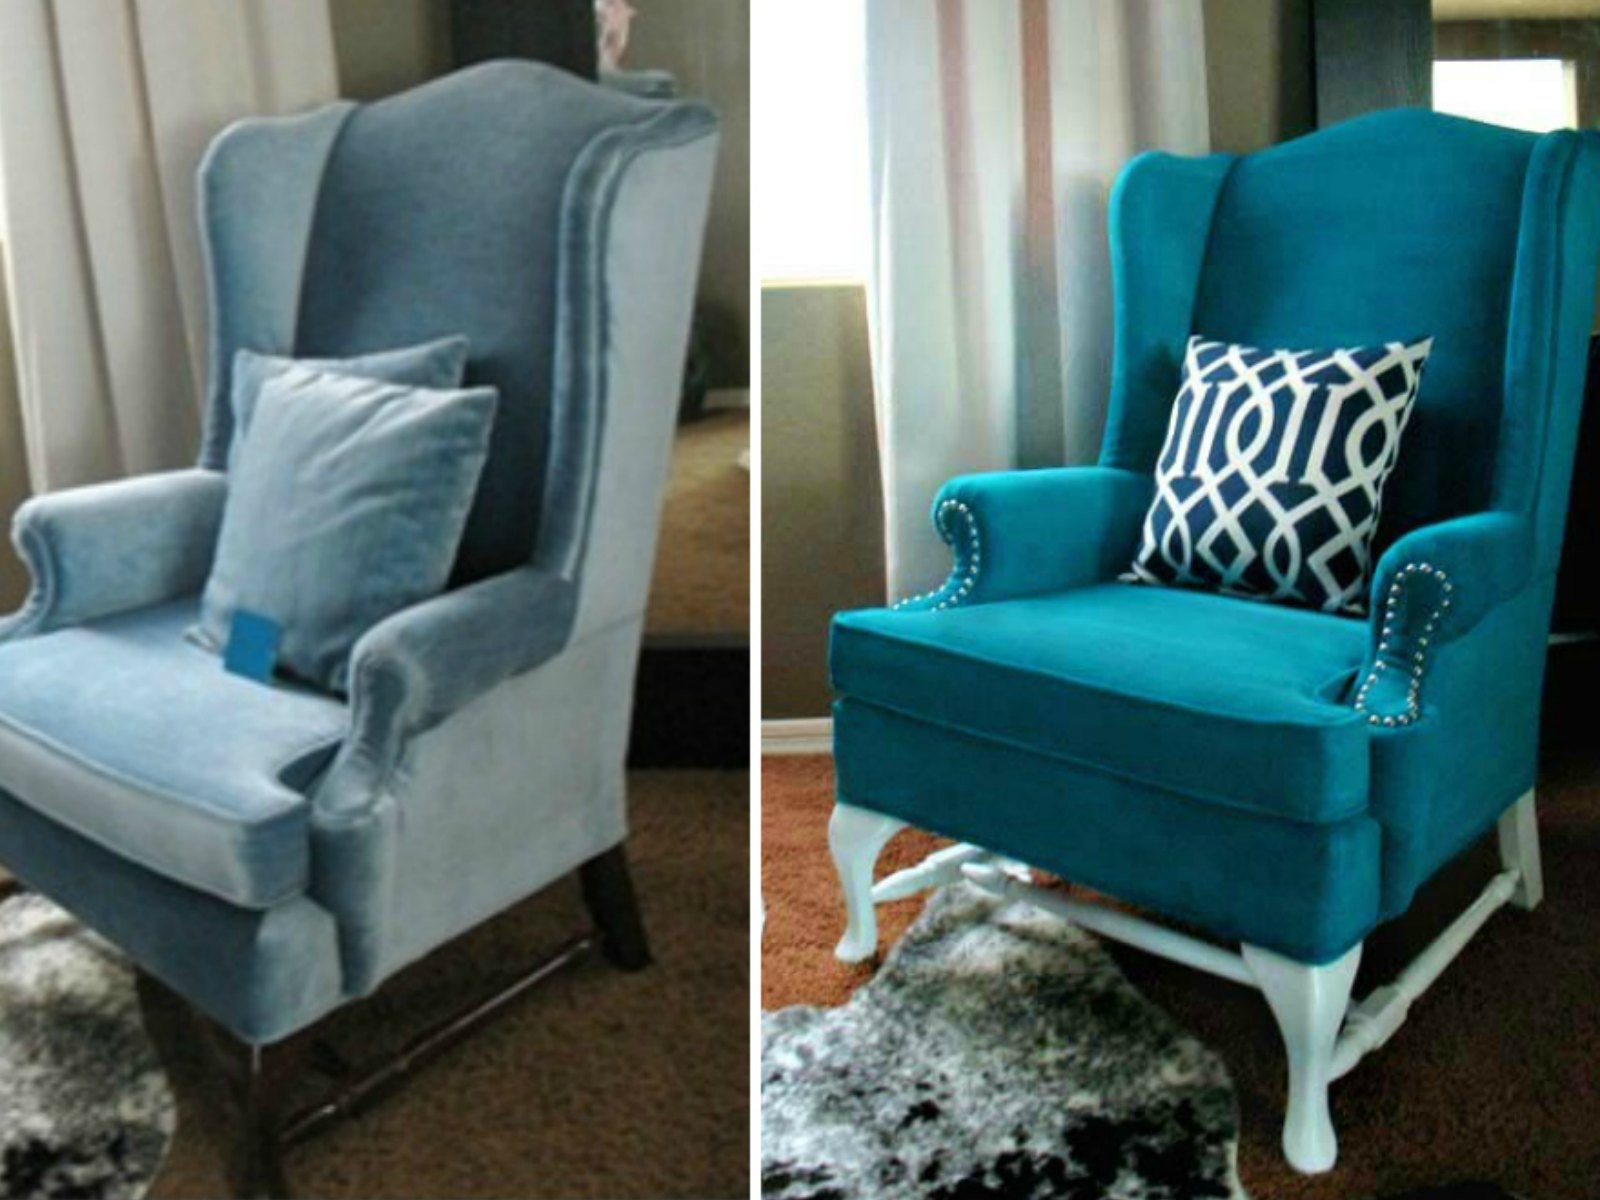 Pintar y transformar 10 sillones tapizados con tela - Sillones y punto ...